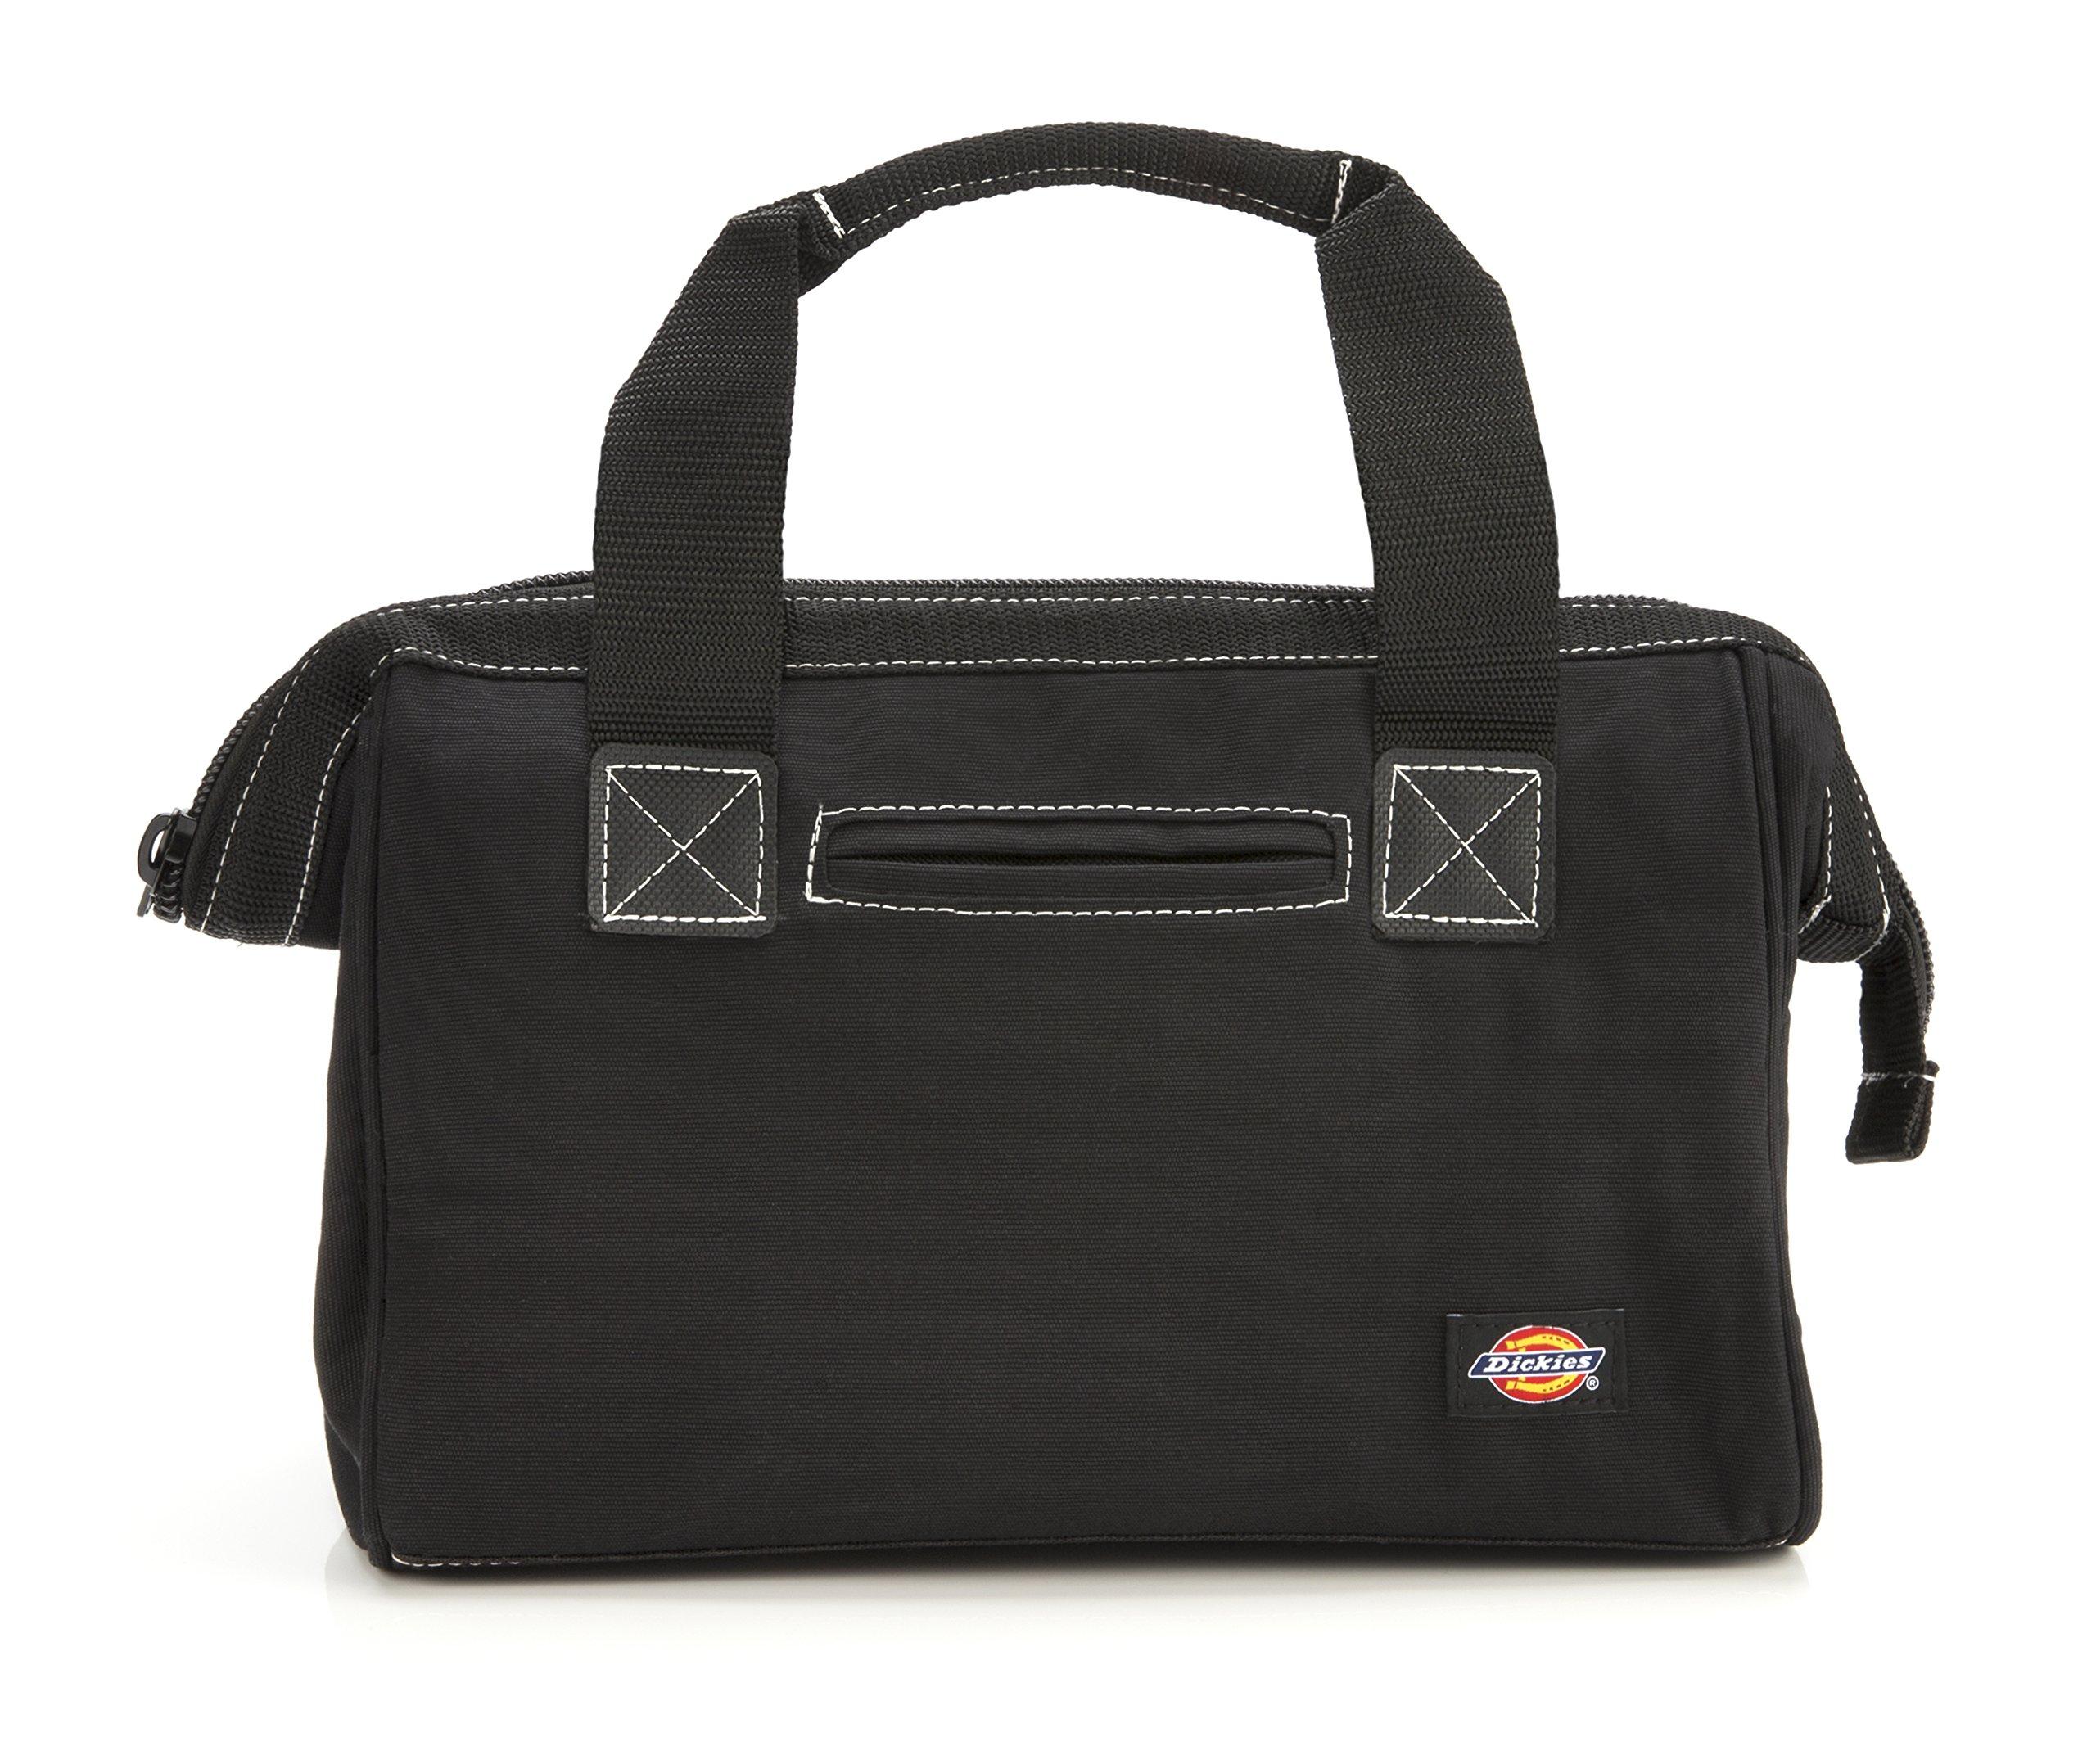 Dickies Work Gear 57084 12-Inch Work Bag by Dickies Work Gear (Image #1)